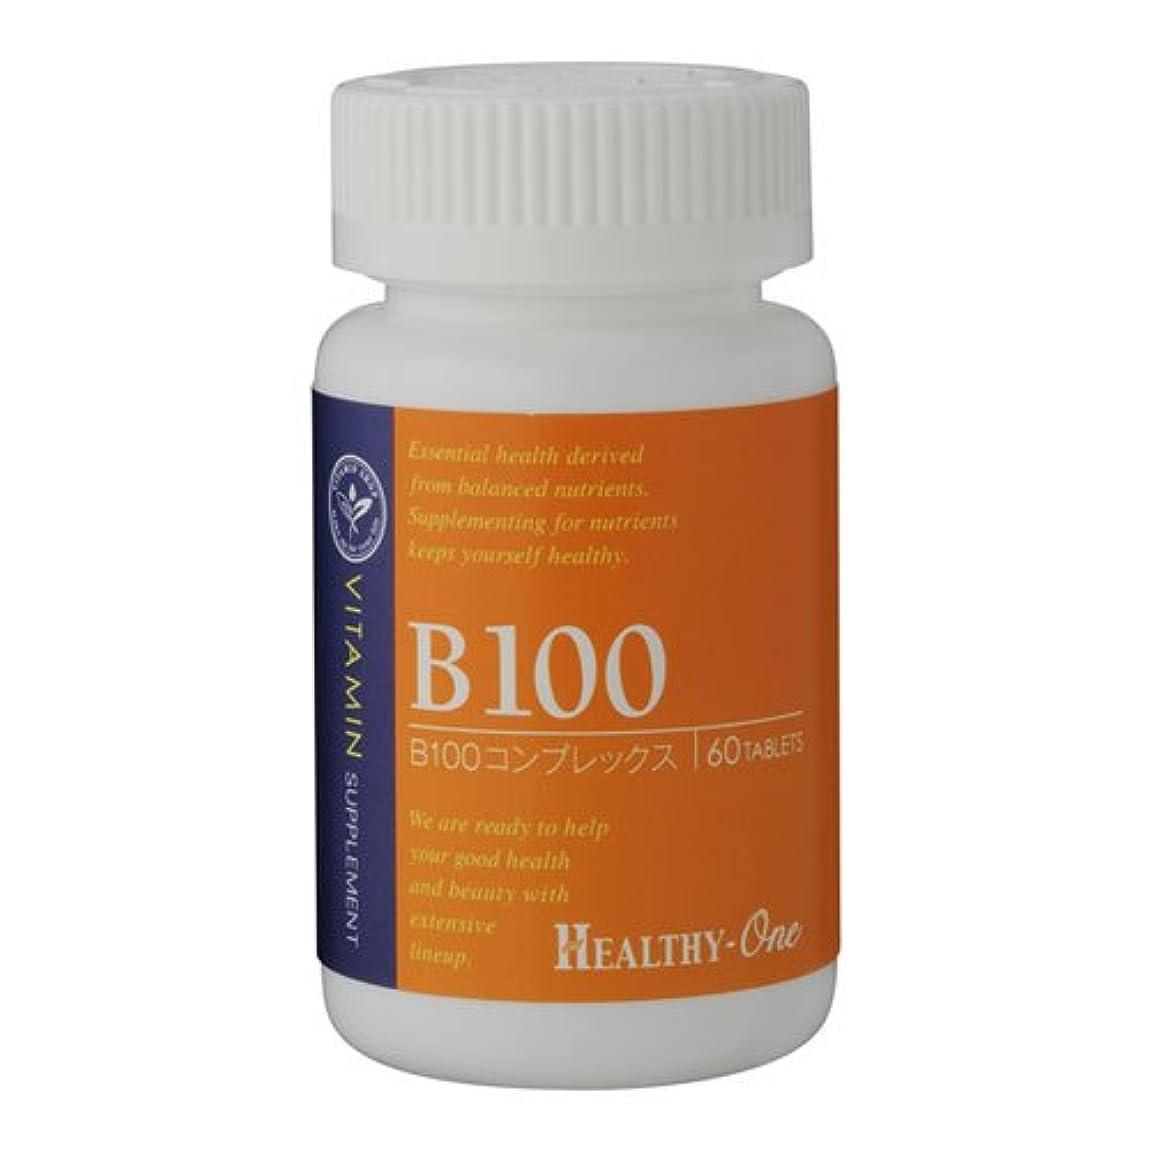 放映合わせて入るヘルシーワン ビタミンB100 60粒 60日分